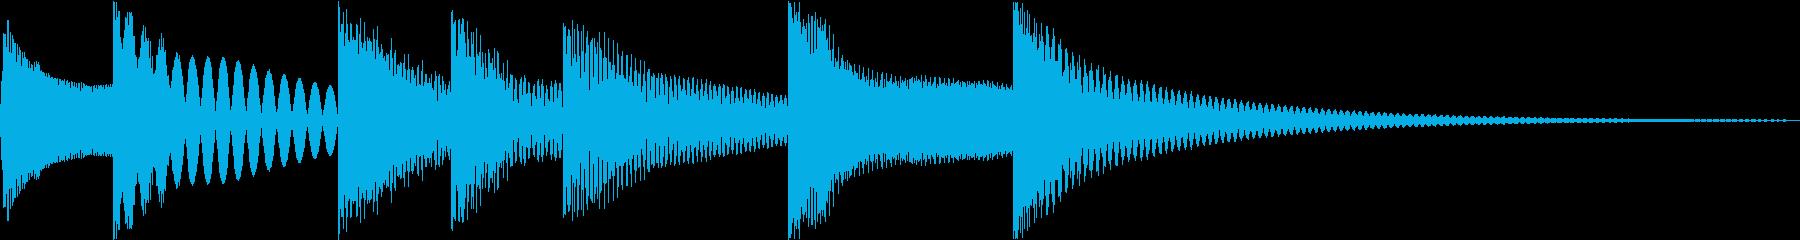 シンプルベル お知らせ ハテナ ? 26の再生済みの波形